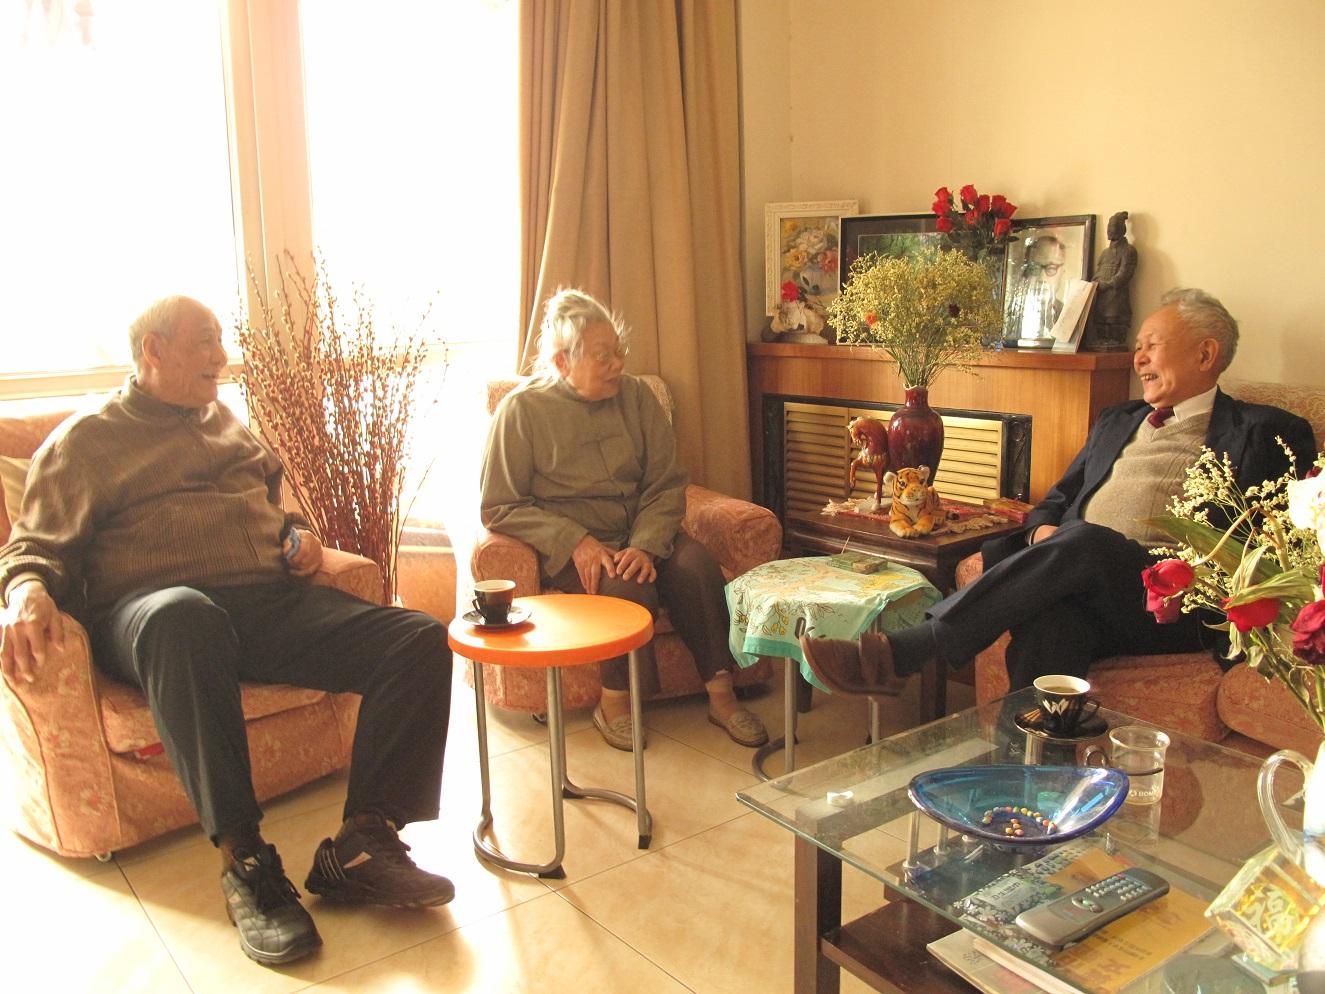 2010年2月,谢冕(右)与牛汉(左)、郑敏(中)小聚().jpg